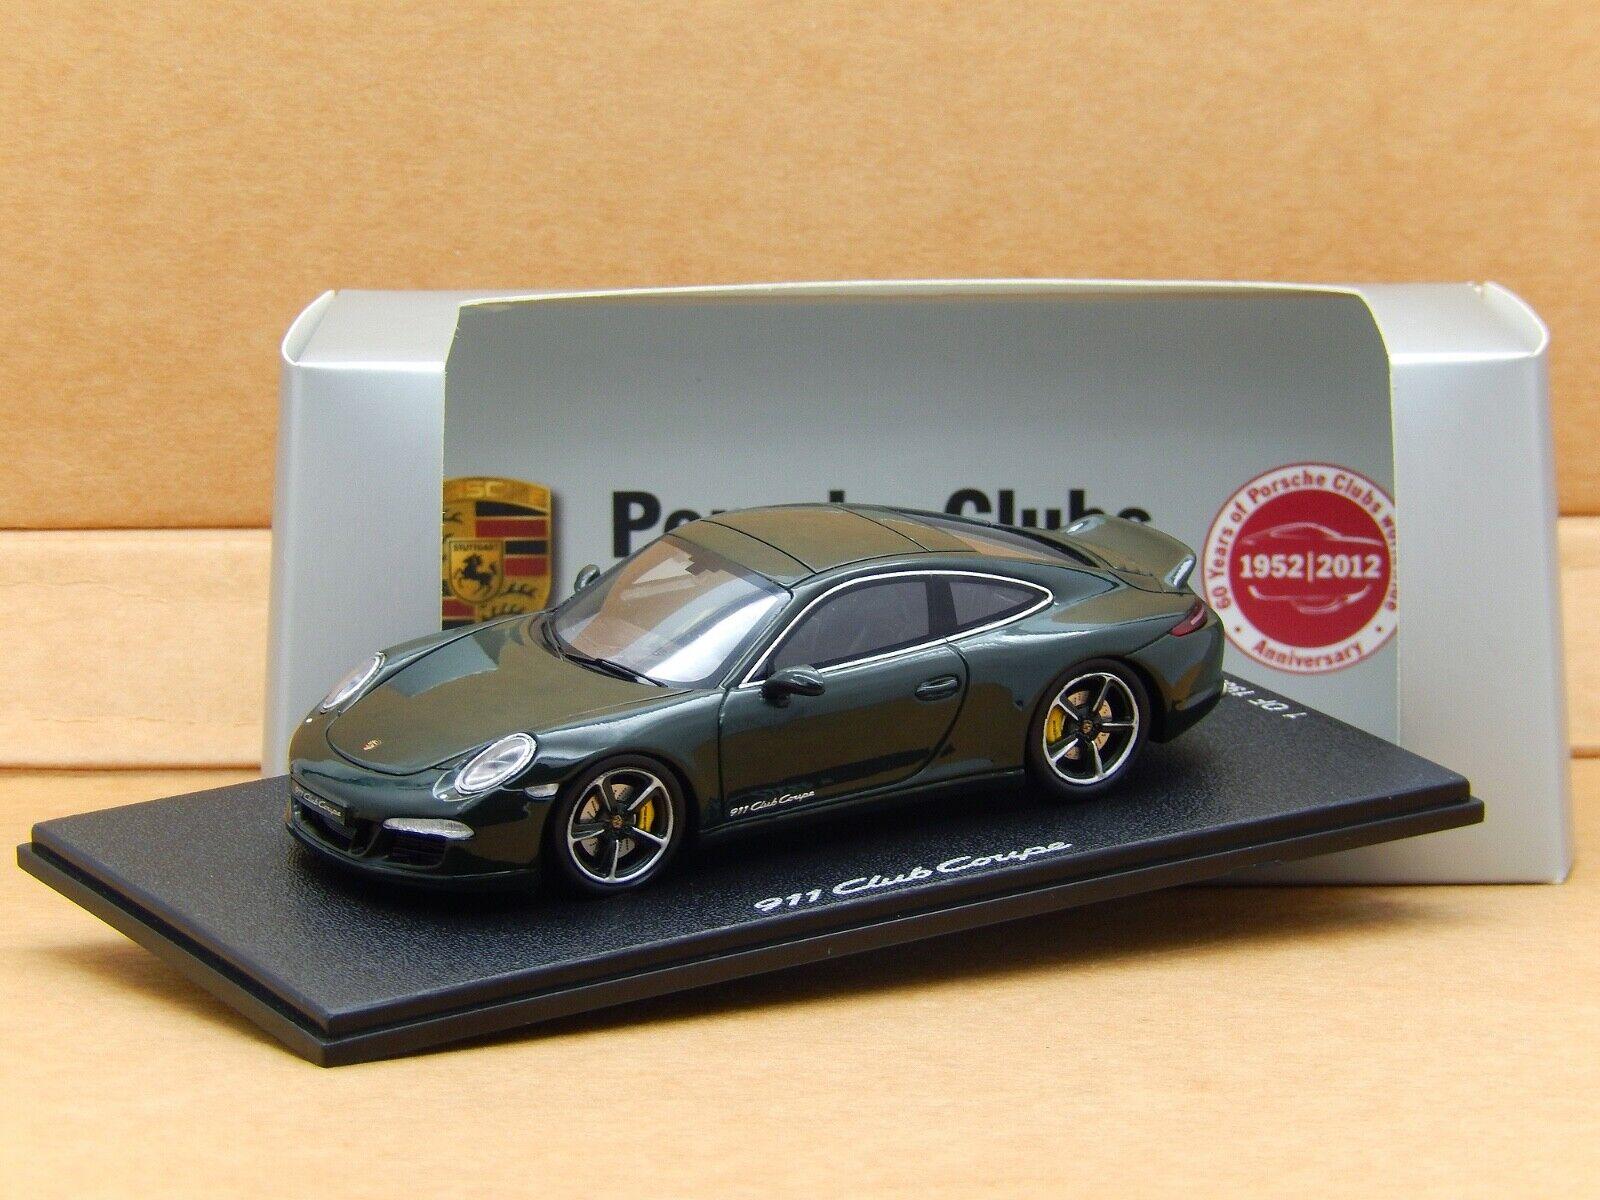 1 43 PORSCHE 911 CLUB COUPE 991 Brewster Vert Spark Résine concessionnaire modèle rare